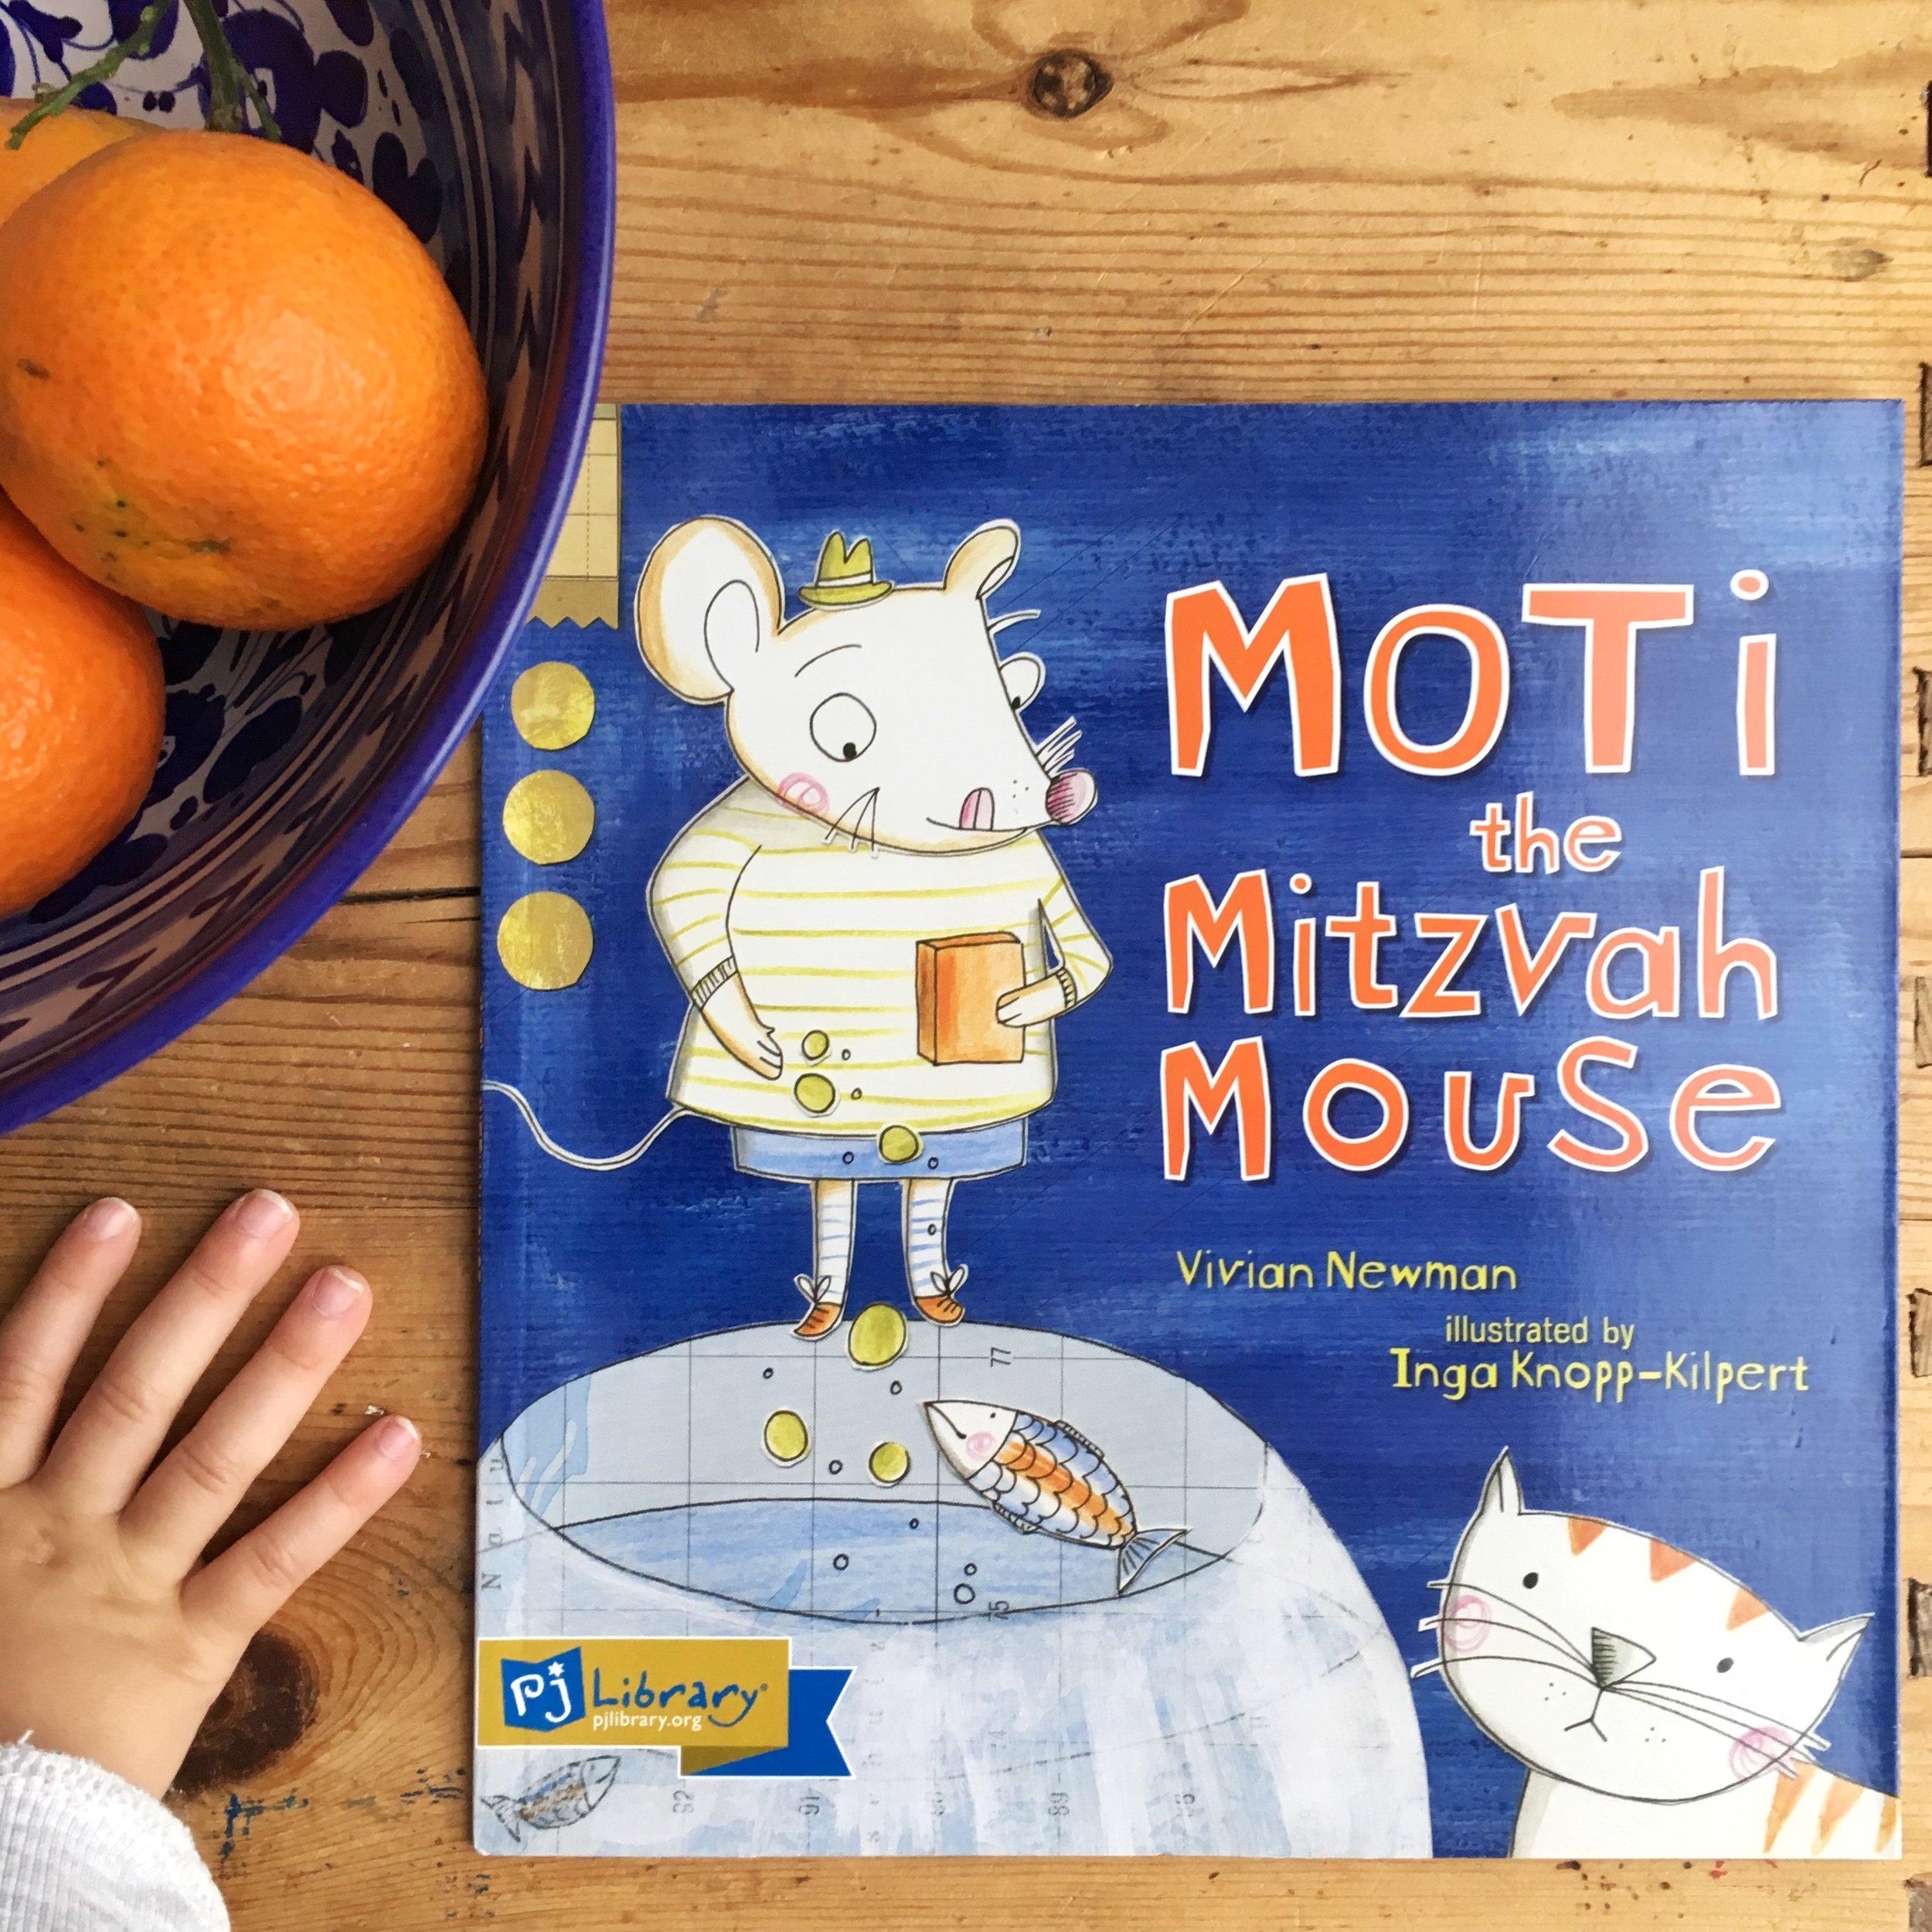 """Taschenbuchausgabe """"Moti the Mitzvah Mouse"""" von PJ Library gesendet"""